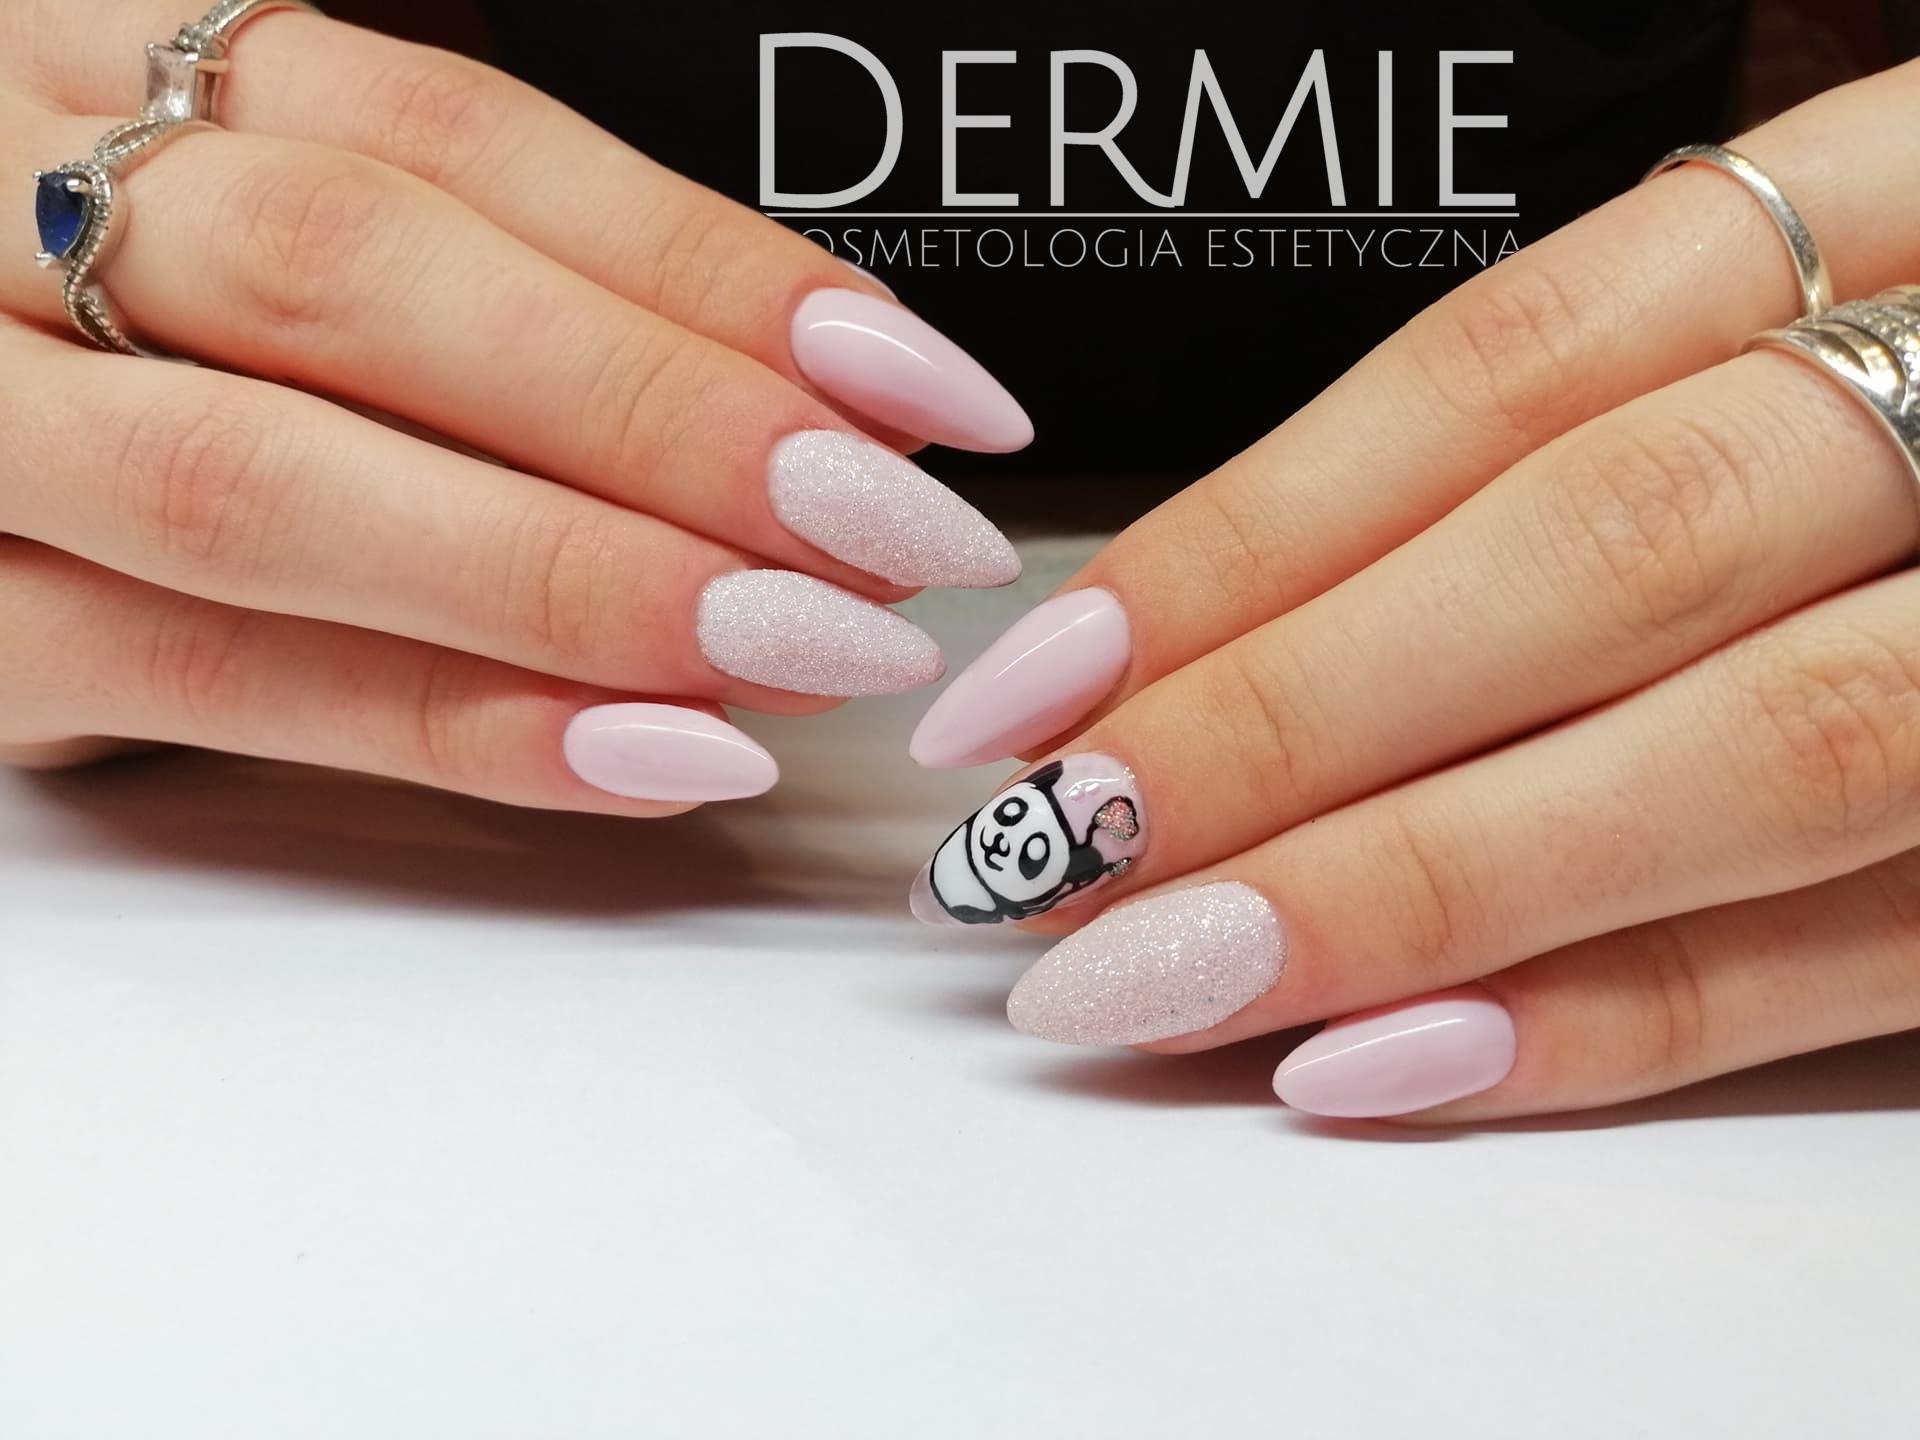 dermie kosmertologia estetyczna - manicure hybrydowy - realizacje, paznokcie